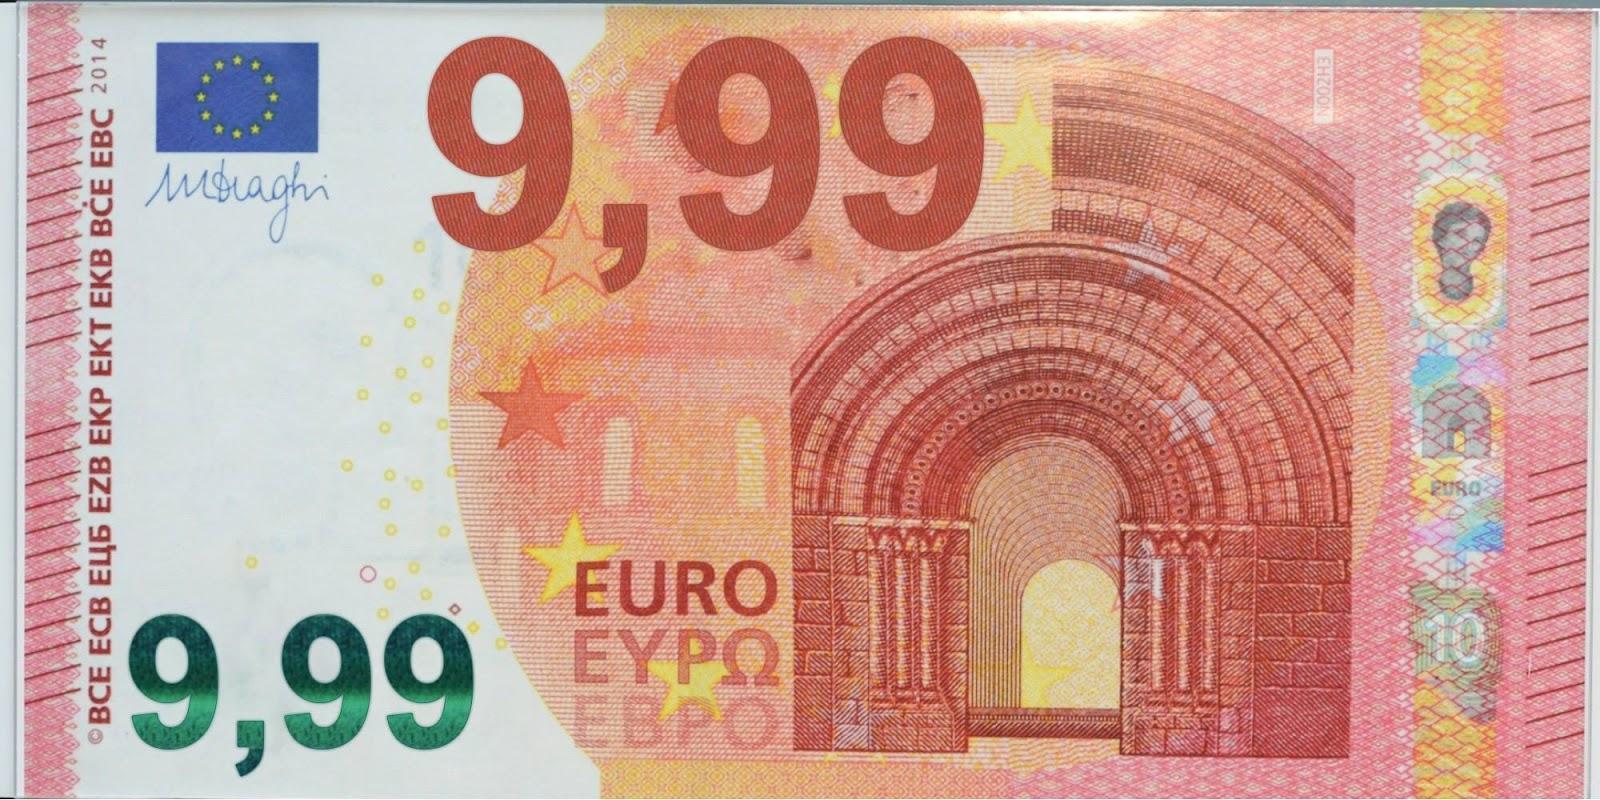 Der postillon anpassung an ladenpreise ezb wertet euro for Poco wohnwand 99 euro